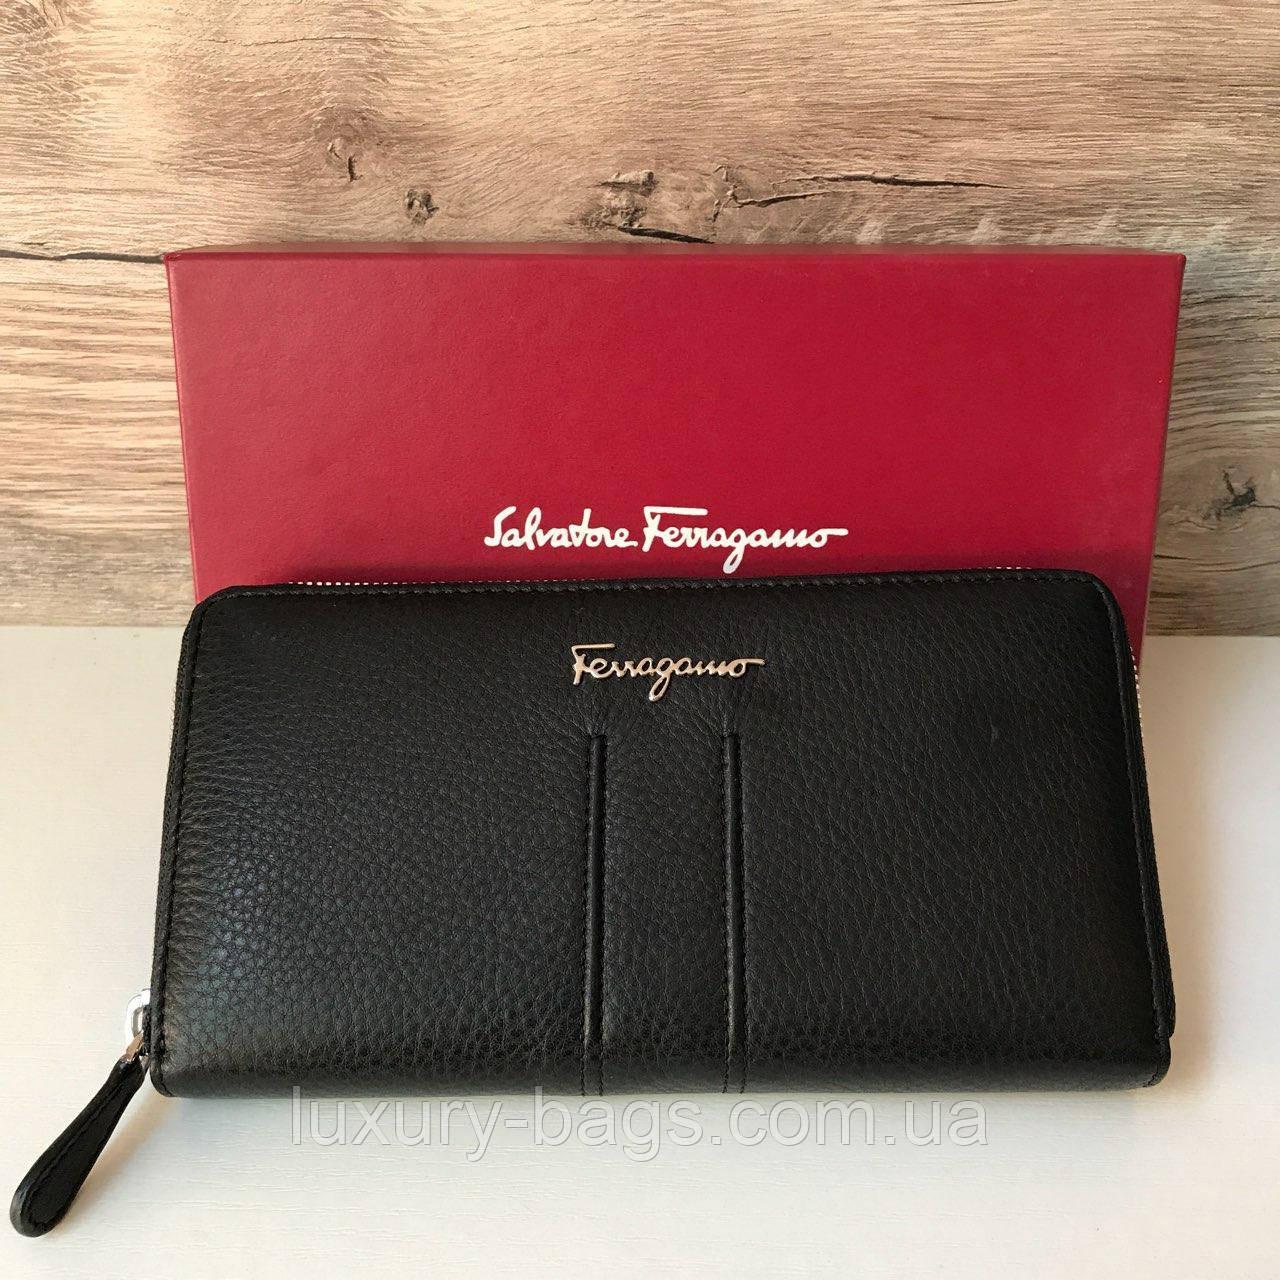 Кожаный женский кошелек Salvatore Ferragamo